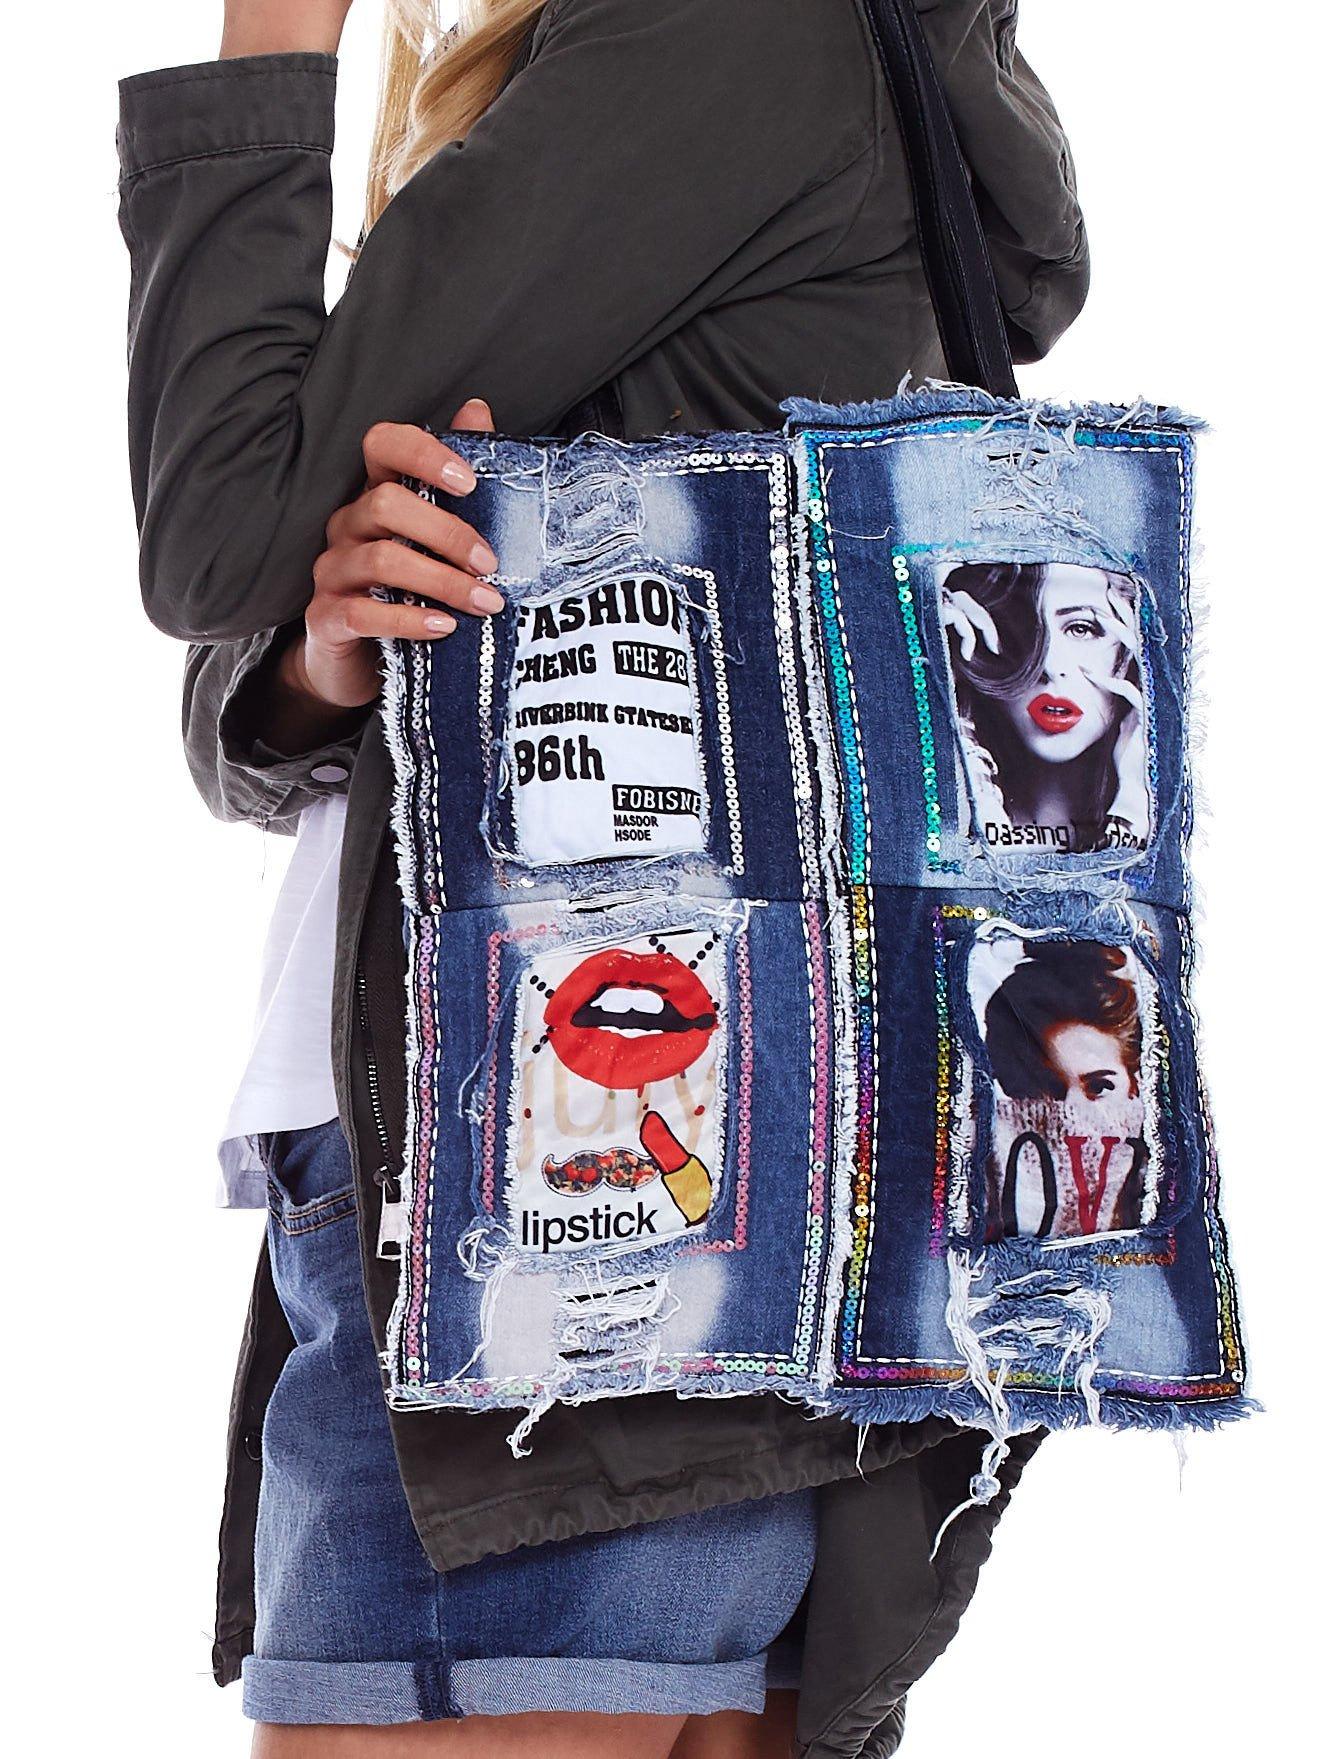 21fdbab2594cc Niebieska jeansowa torba patchwork z cekinami - Akcesoria torba ...